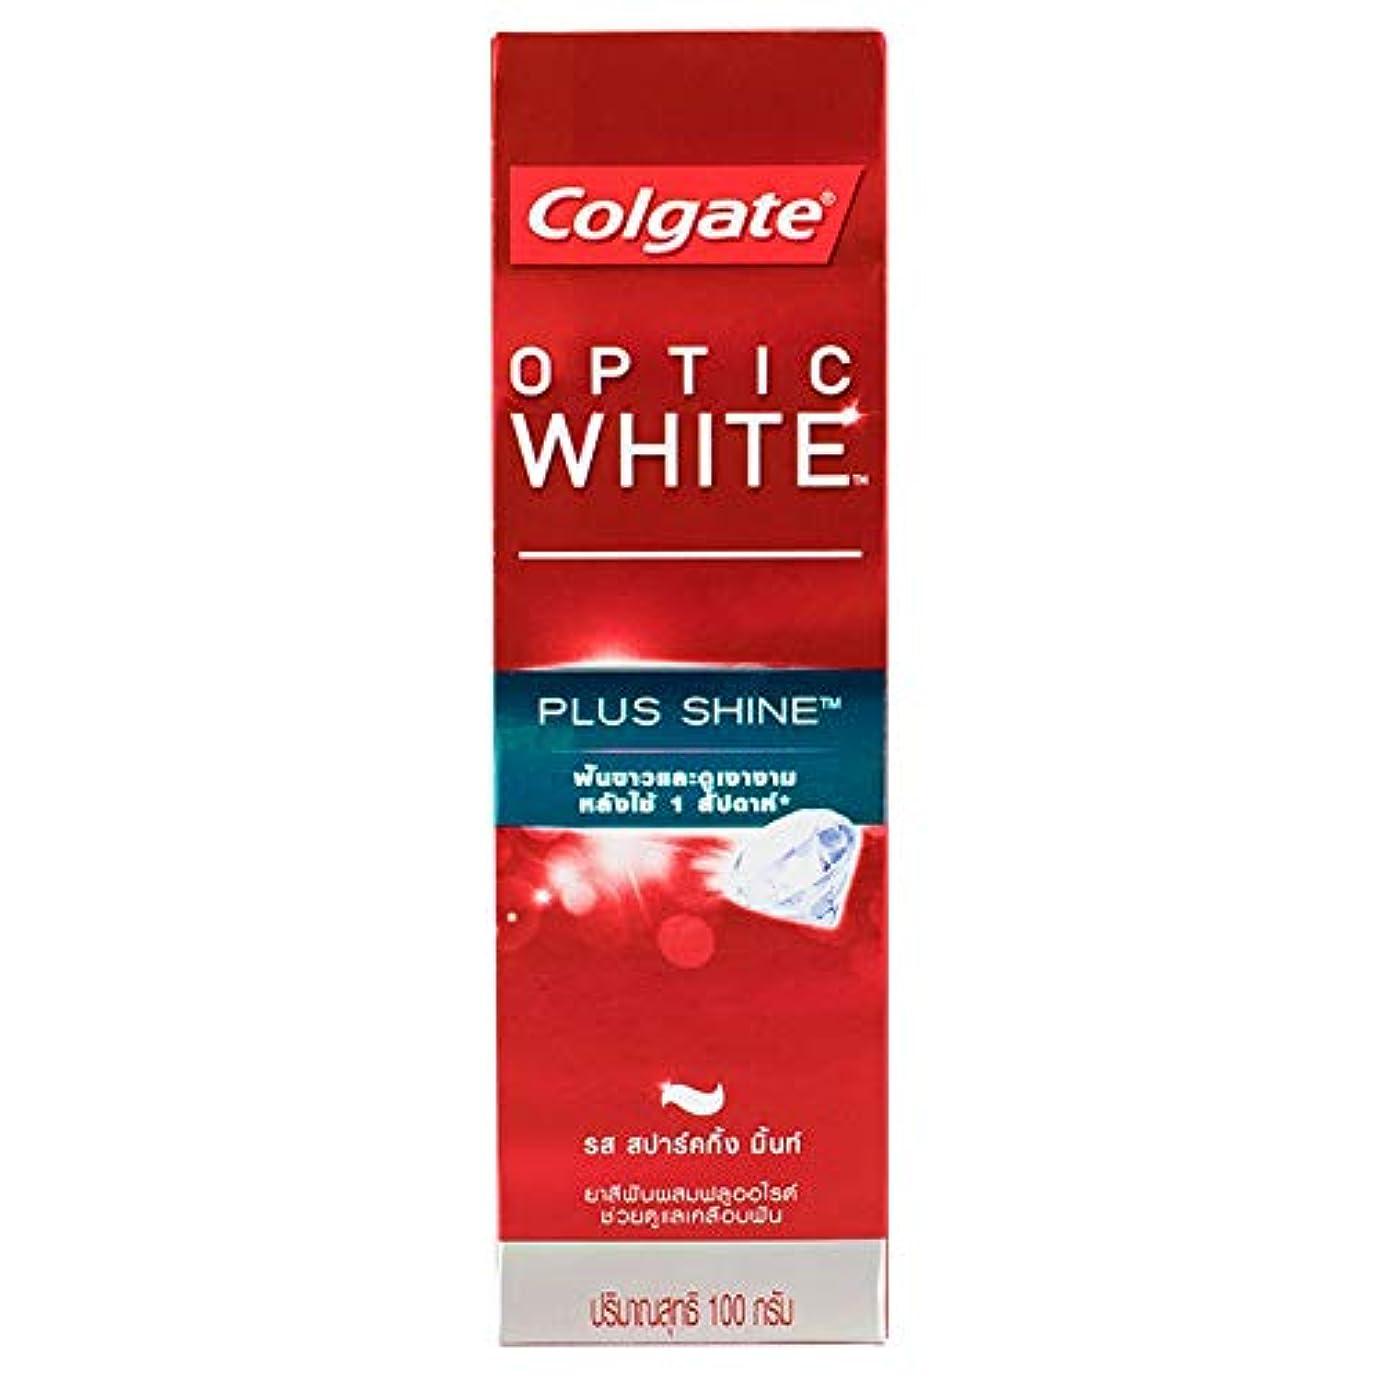 座標折り目ファウル(コルゲート)Colgate 歯磨き粉 「オプティック ホワイト 」 (プラス シャイン)